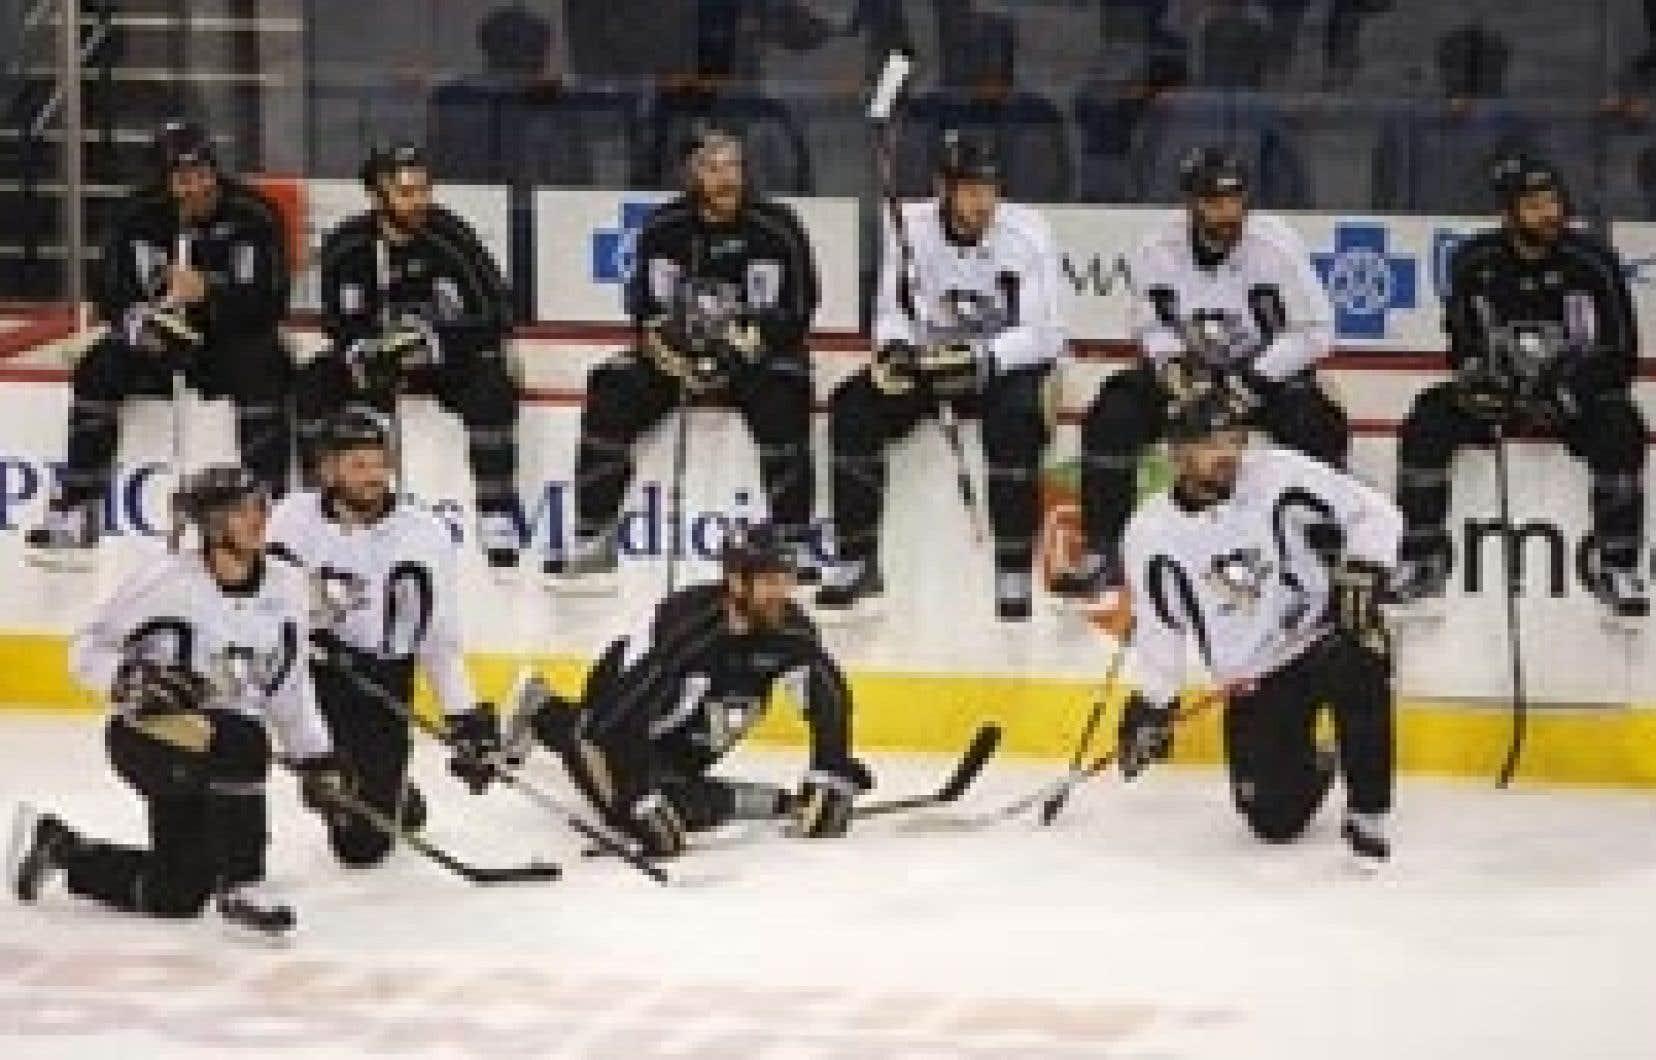 Plusieurs joueurs faisant partie de la formation actuelle des Penguins étaient exactement dans la même position l'an dernier.